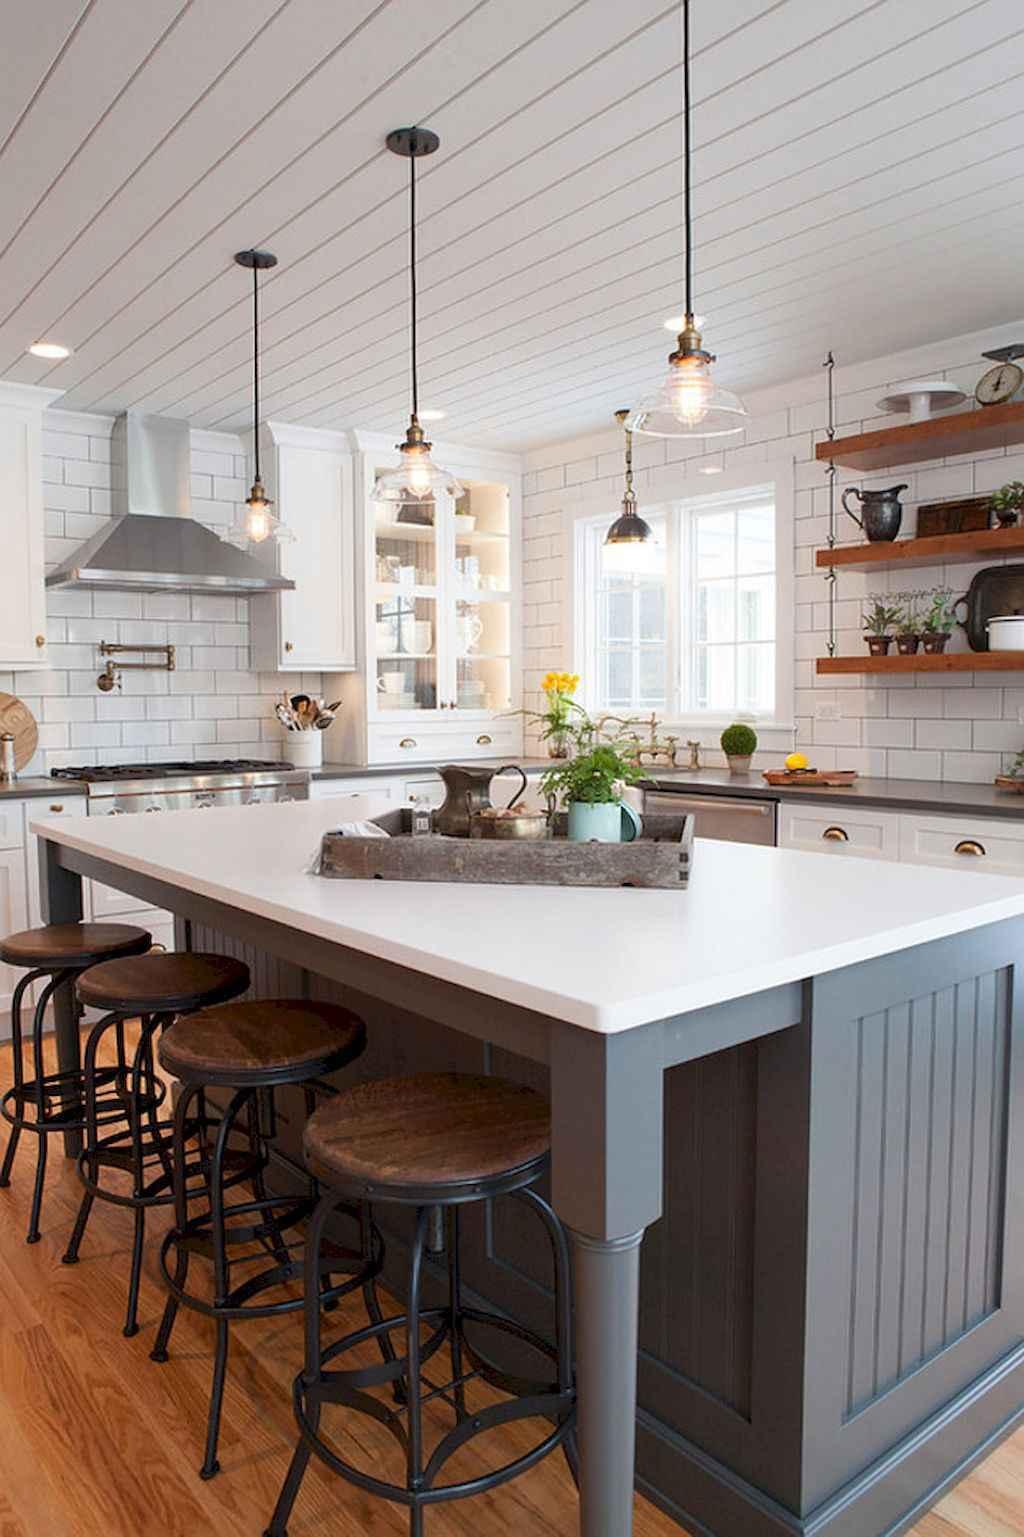 100 Stunning Farmhouse Kitchen Ideas on A Budget (97)